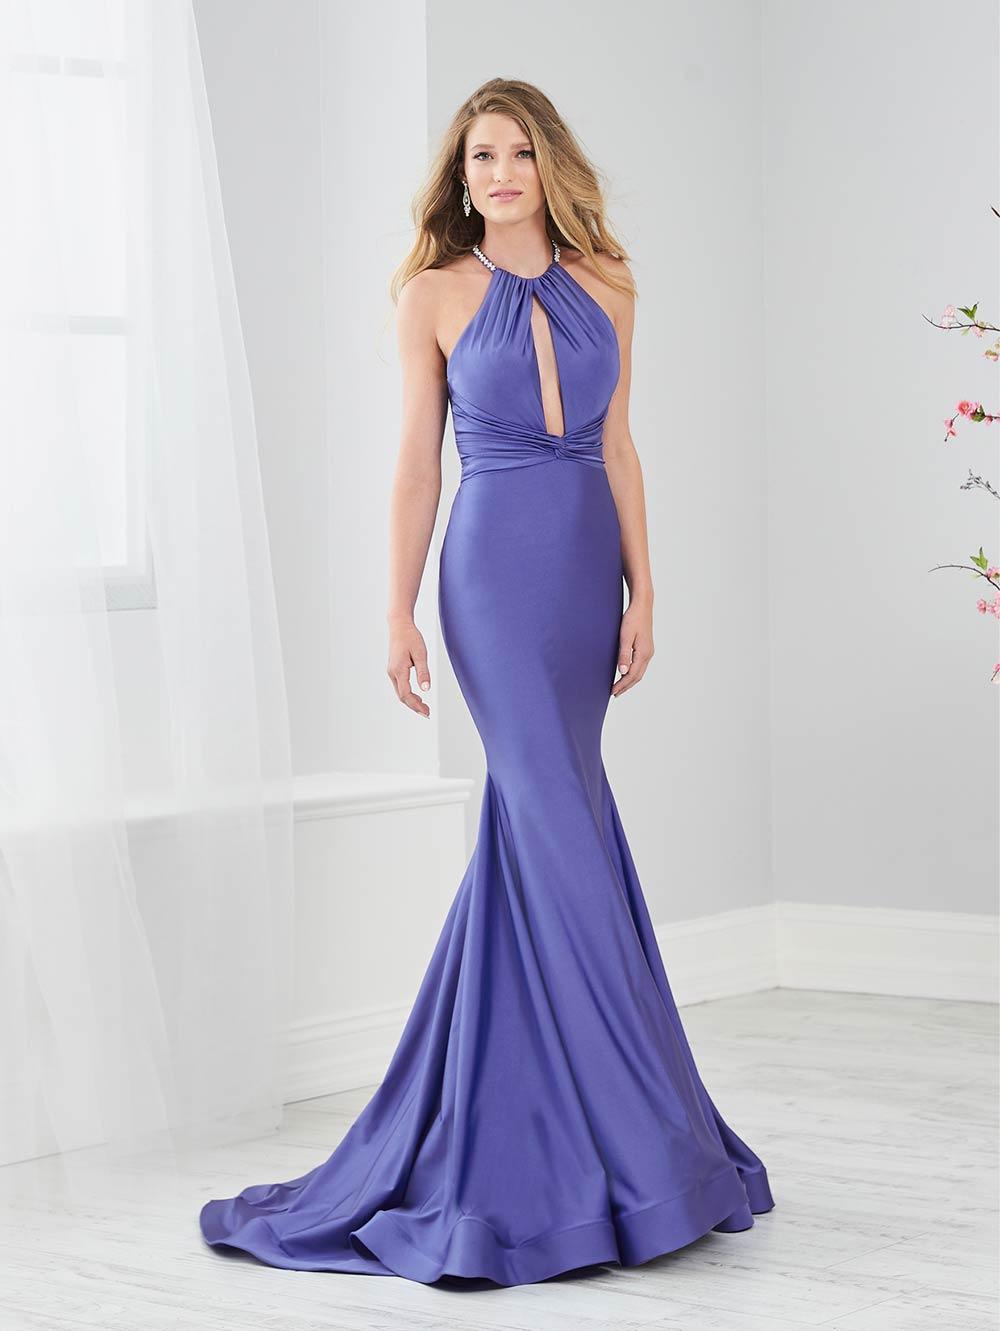 prom-dresses-jacquelin-bridals-canada-27884